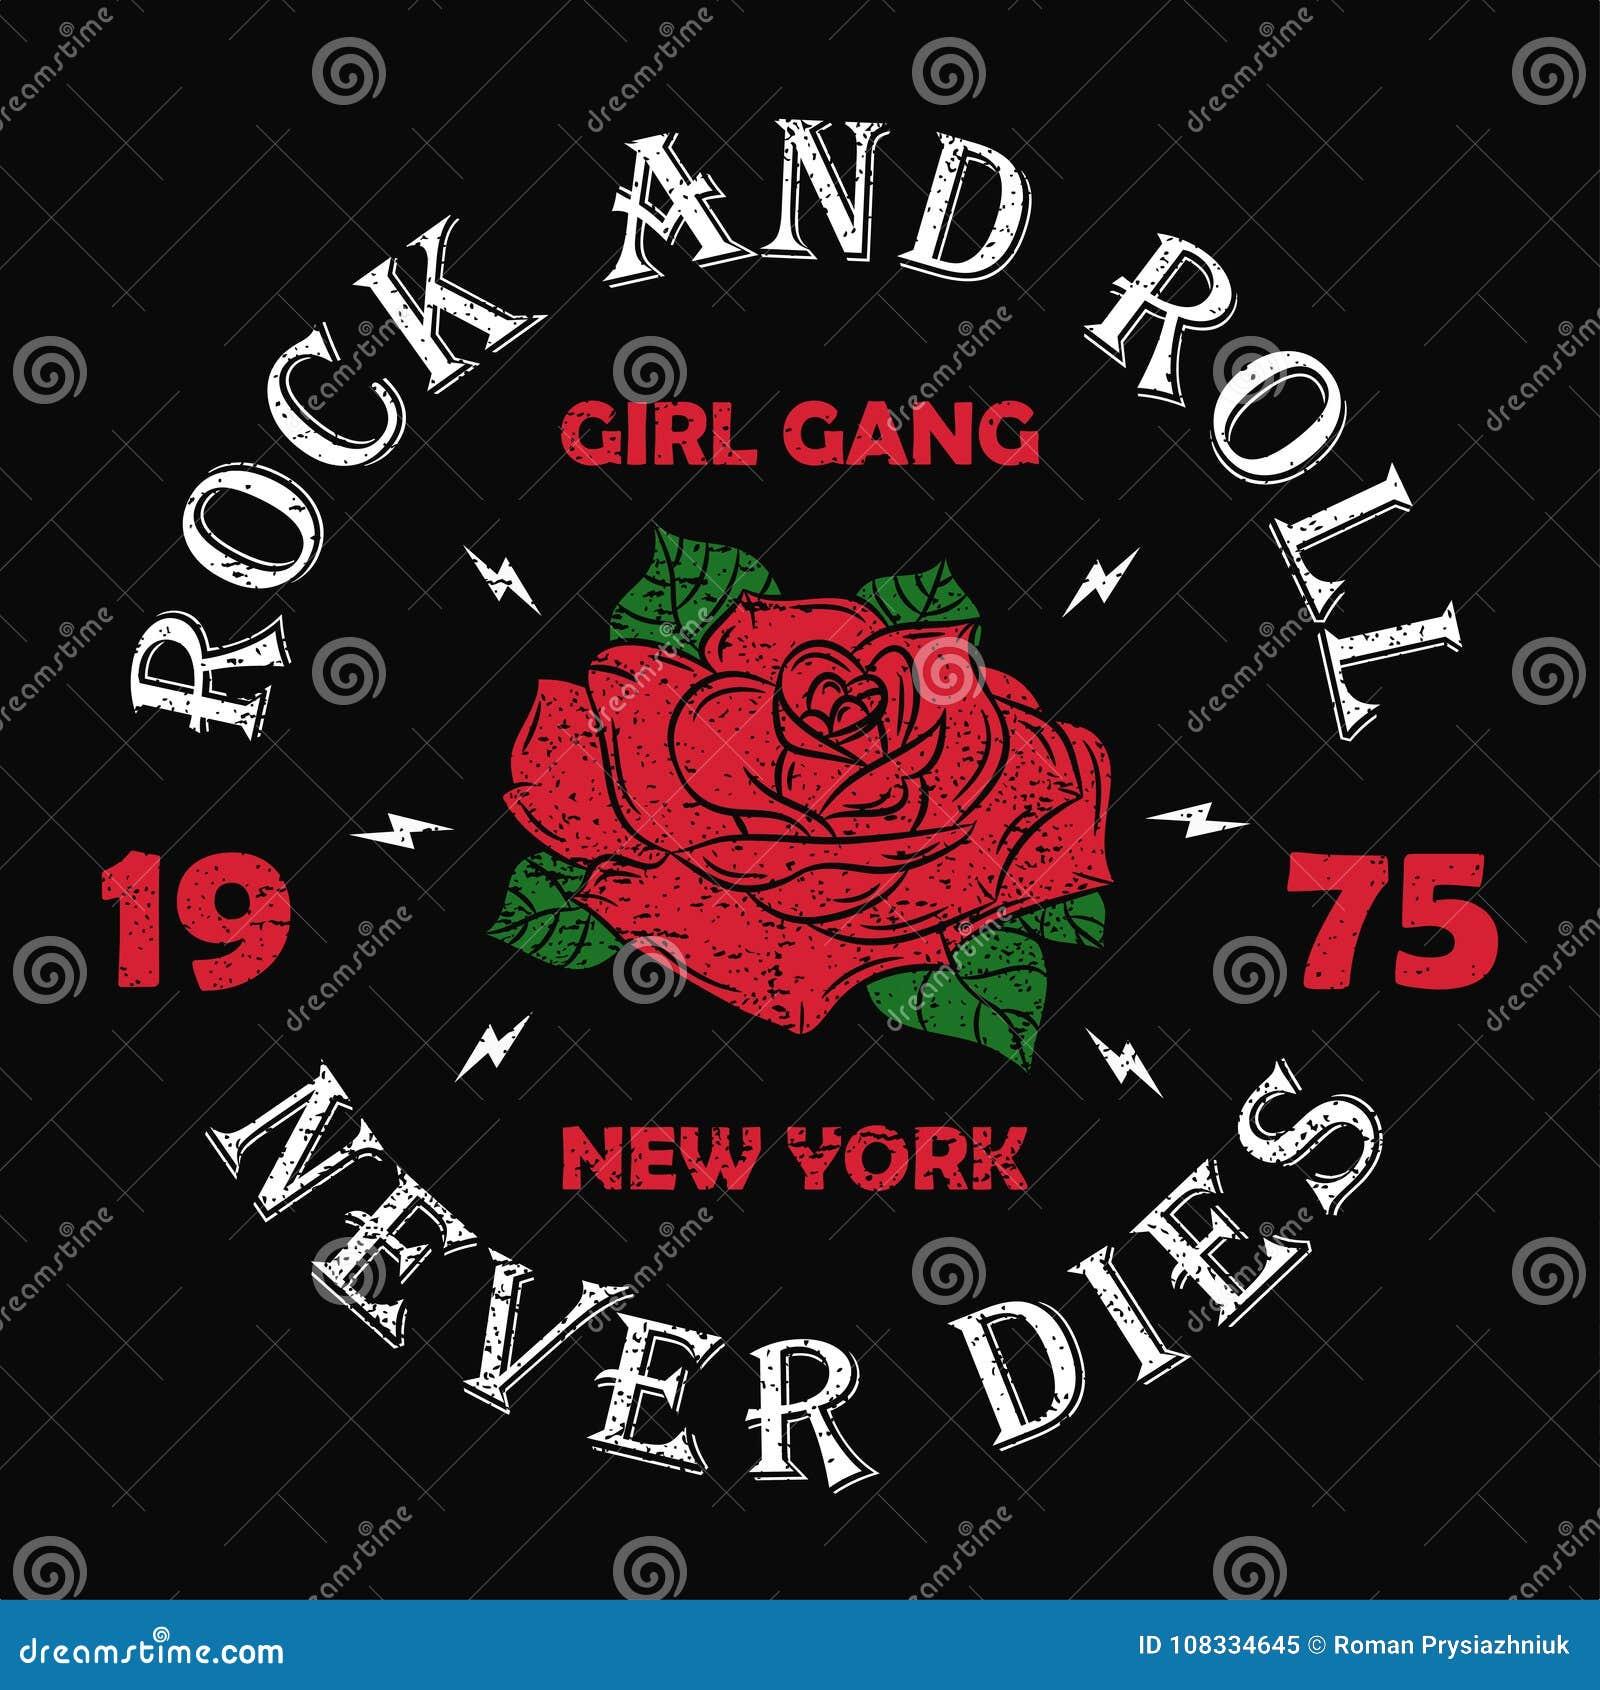 Шатия девушки рок-н-ролл Нью-Йорка - оформление grunge для футболки, женщин одевает Фасонируйте печать для одеяния с розовой и ло